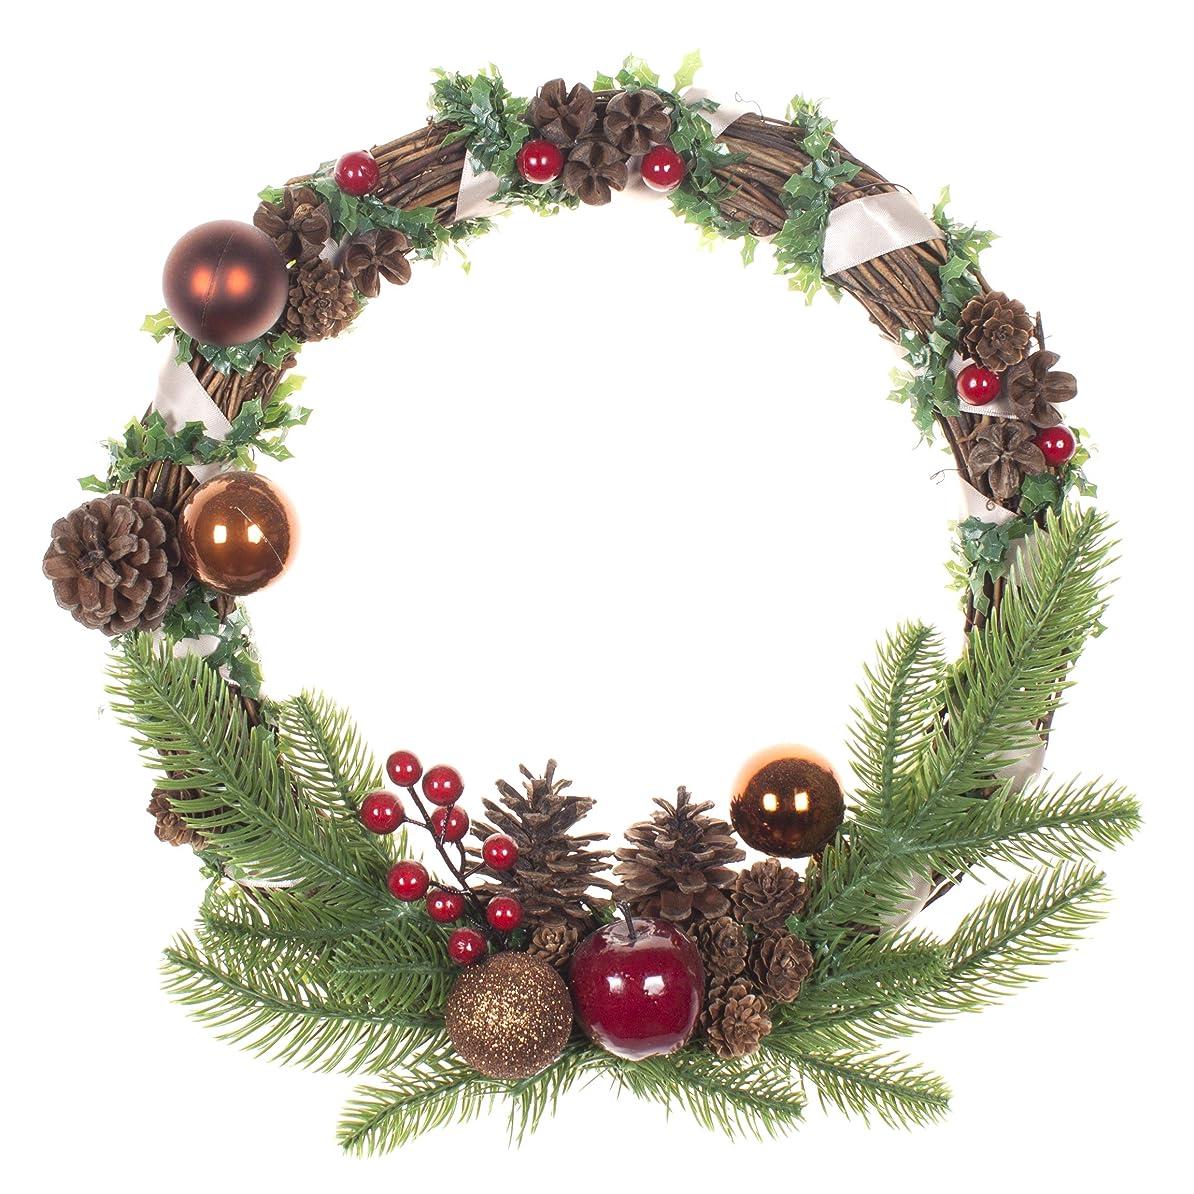 扱いやすい離す柔らかい足「LTWHOME」「高貴なこどく」リースシリーズWHCA クリスマス要素、アップル、木の実の素材ドア、壁飾り インテリア品